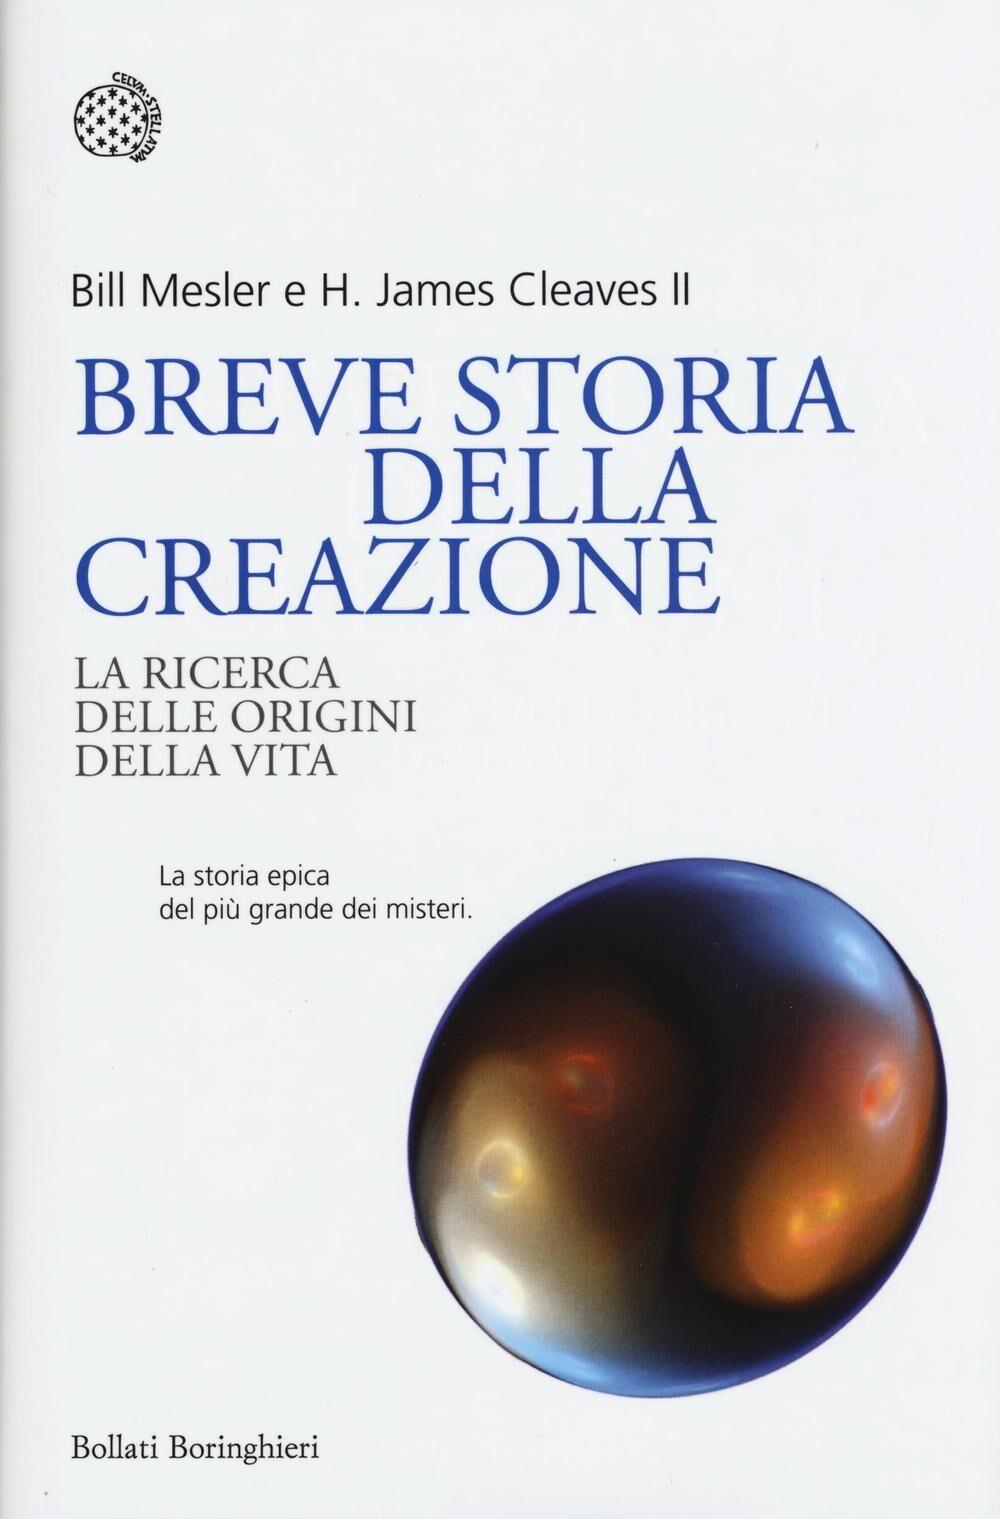 Breve storia della creazione. La ricerca delle origini della vita